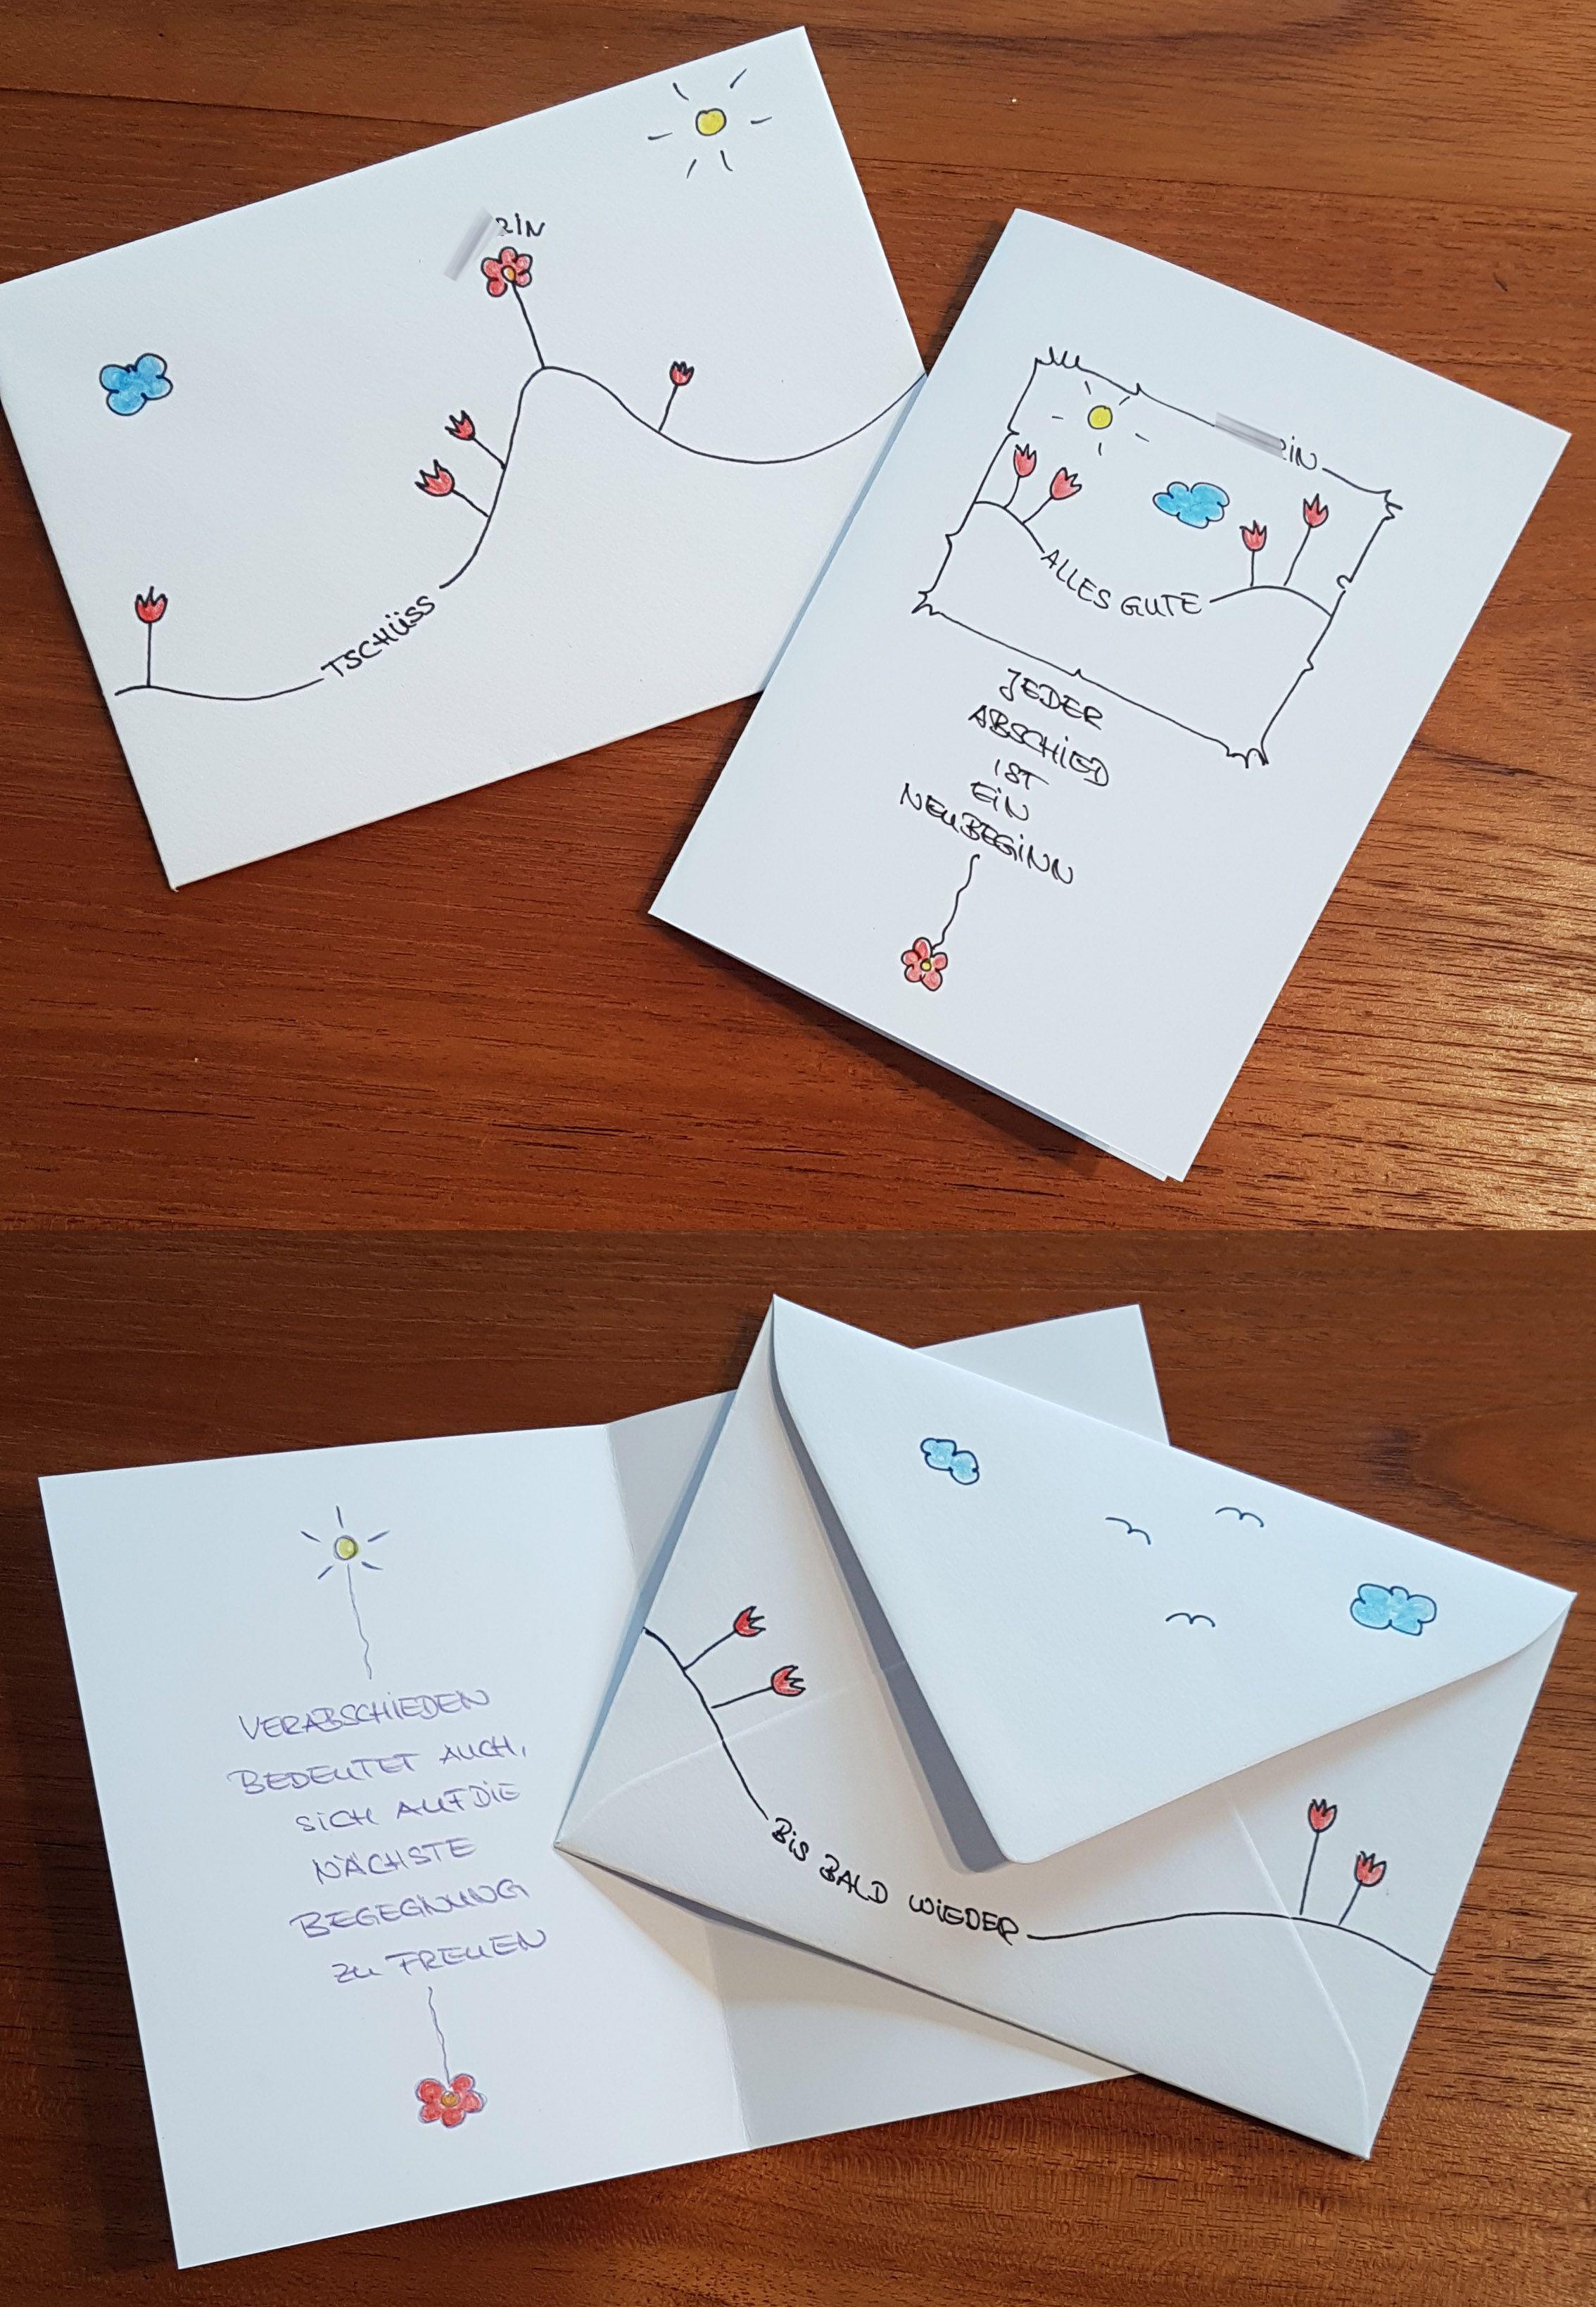 karte zum abschied einer kollegin diy cartas despedida pinterest abschied karten und. Black Bedroom Furniture Sets. Home Design Ideas